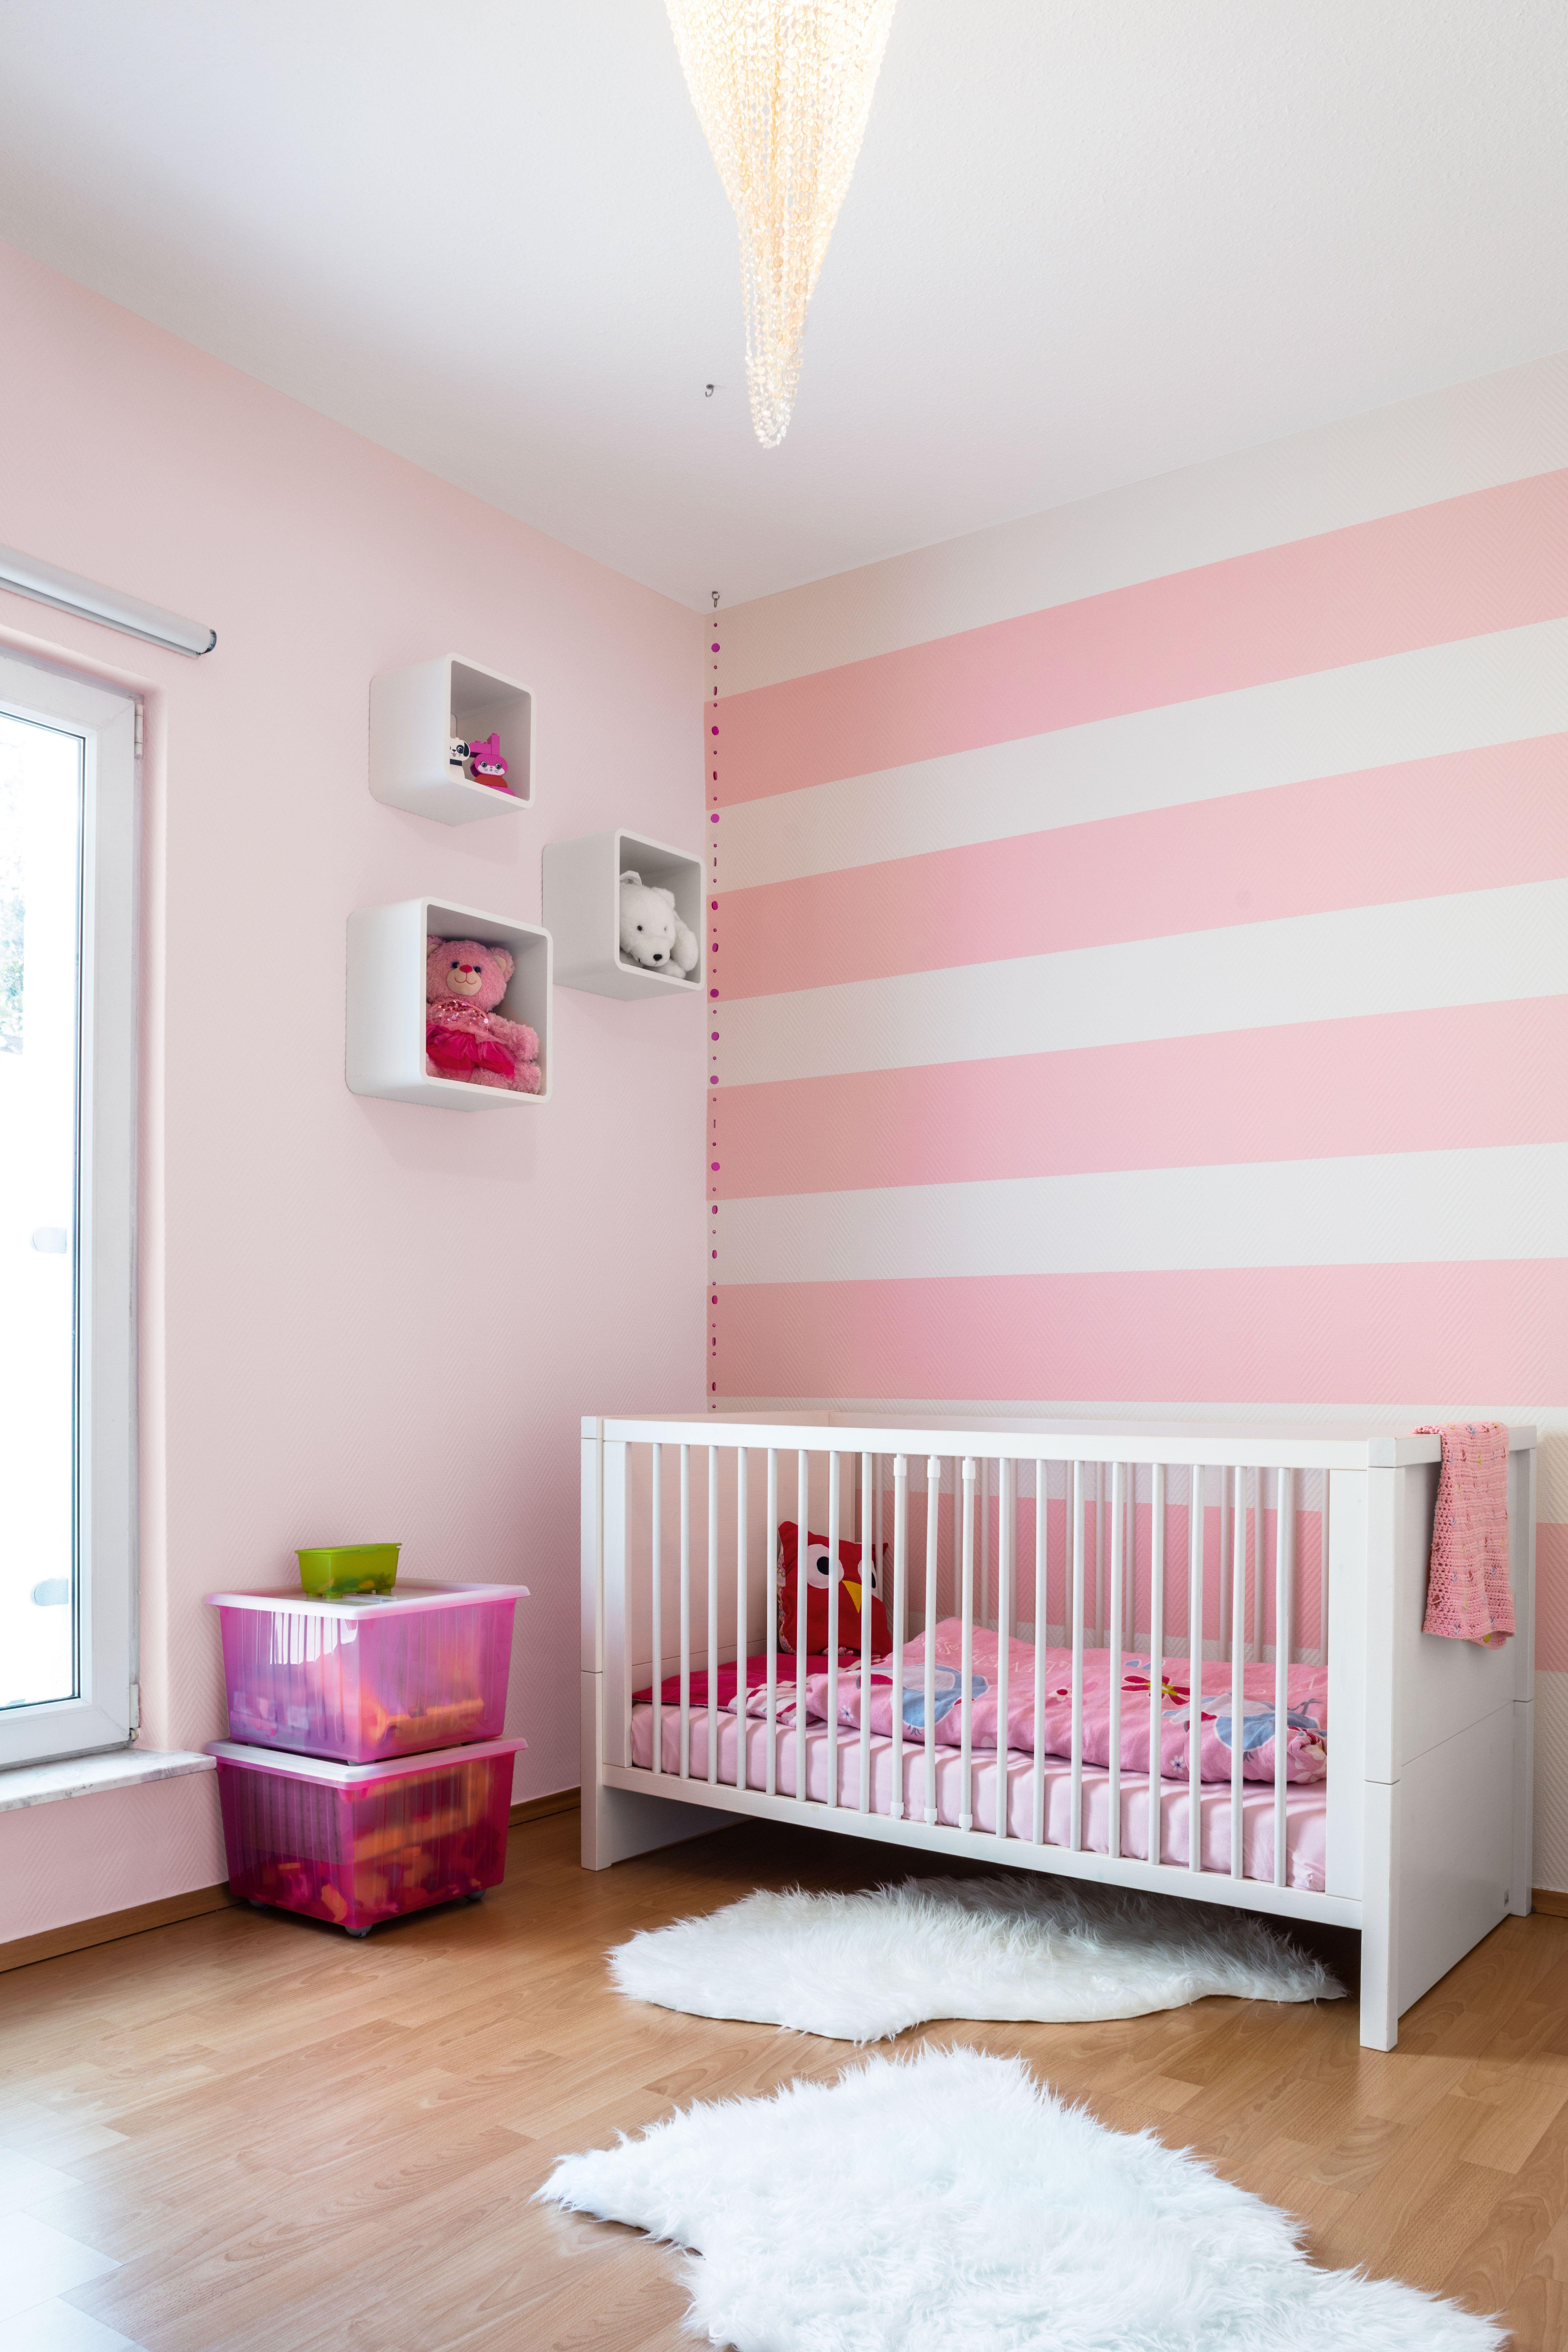 Farbenfreunde Kinderzimmer Farbe Pinkes Kinderzimmer Kinder Zimmer